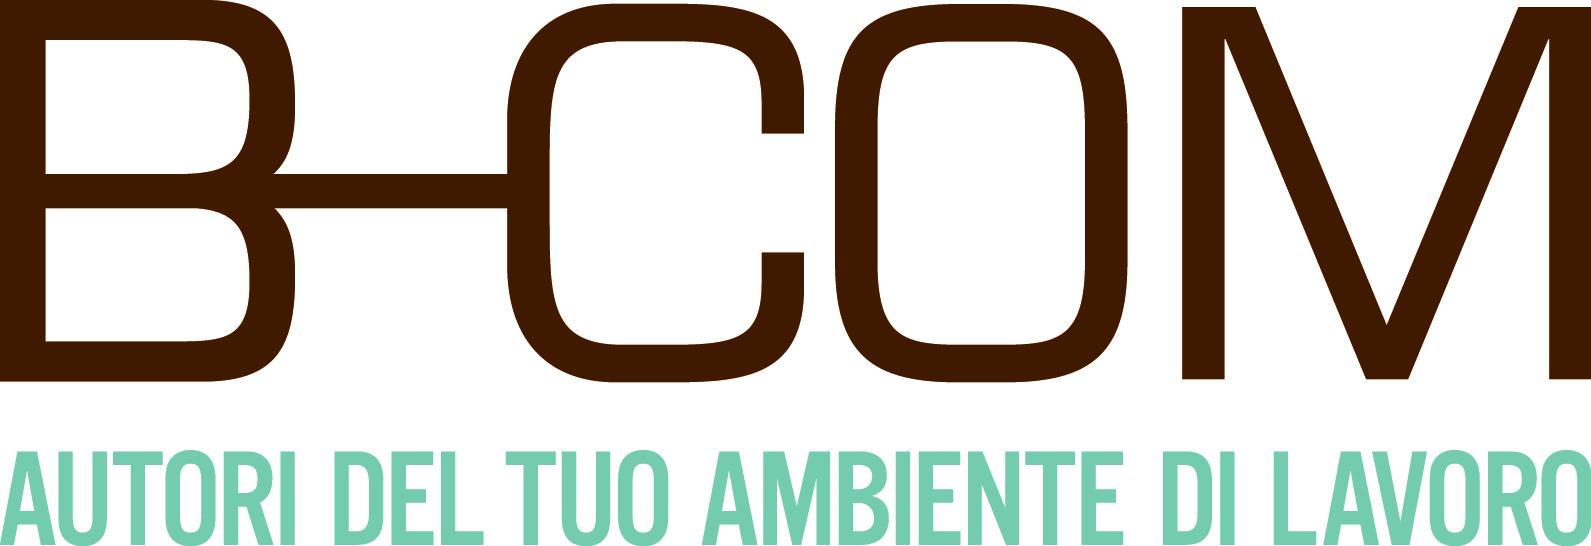 BCOM logo 2010